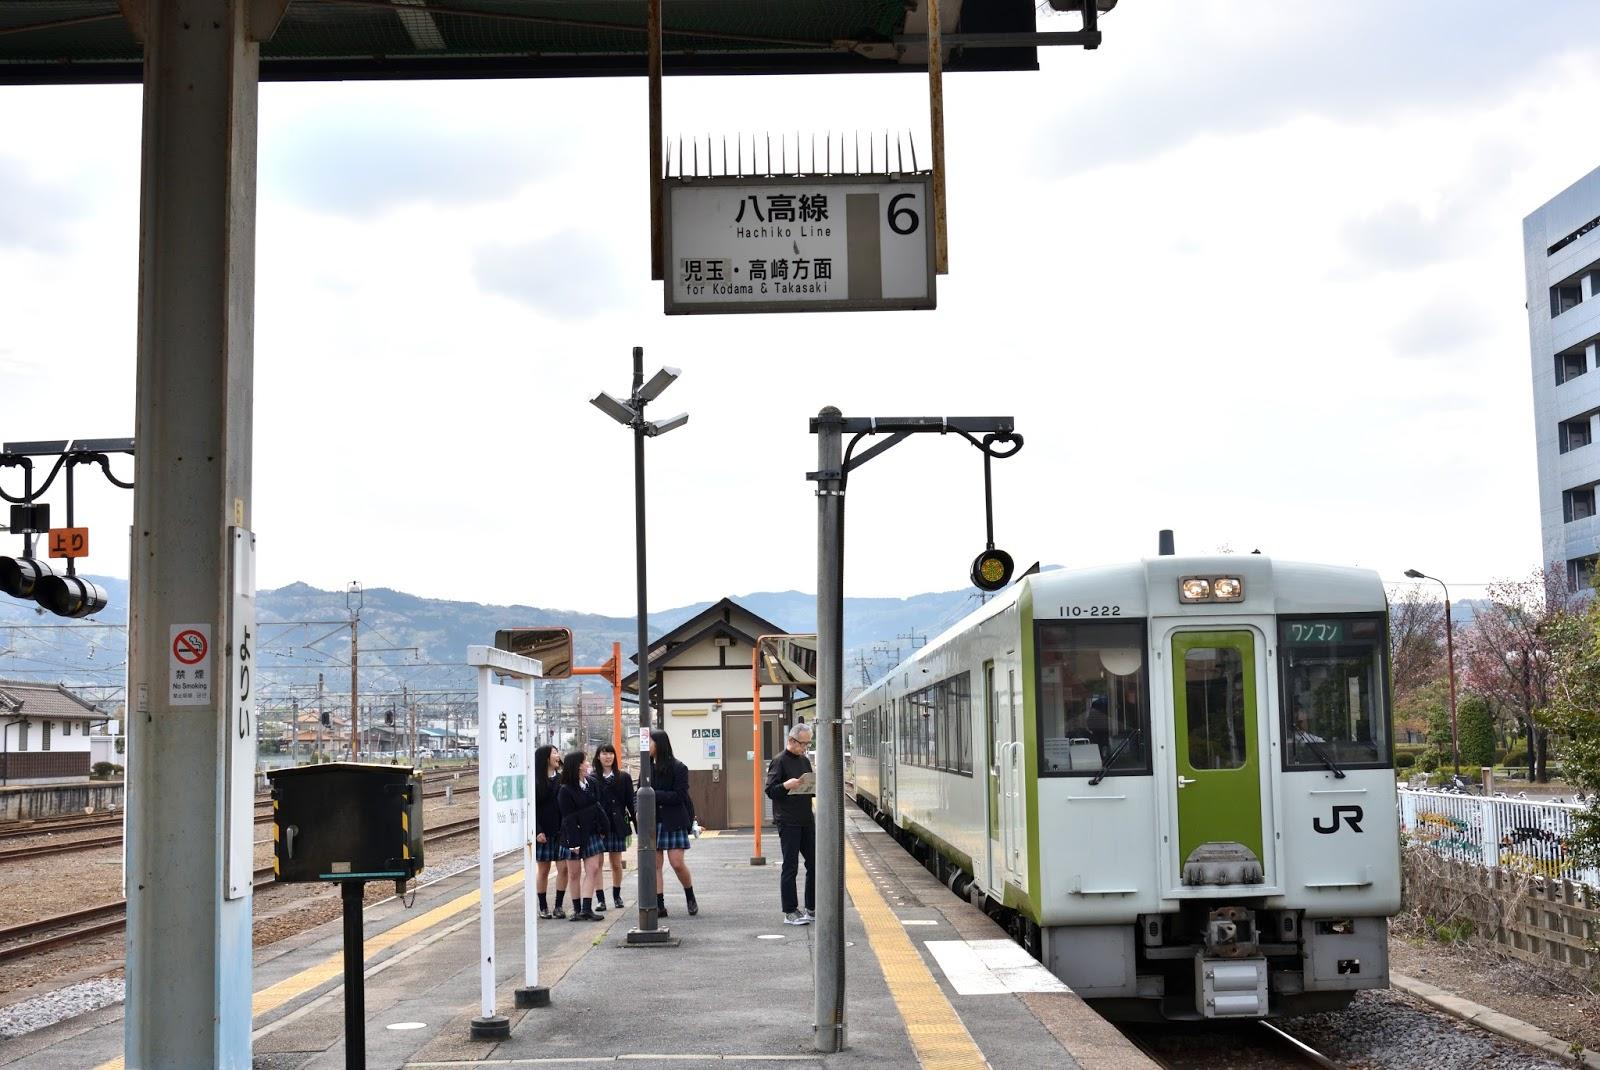 JR東日本 寄居駅→ 高崎駅、倉賀...